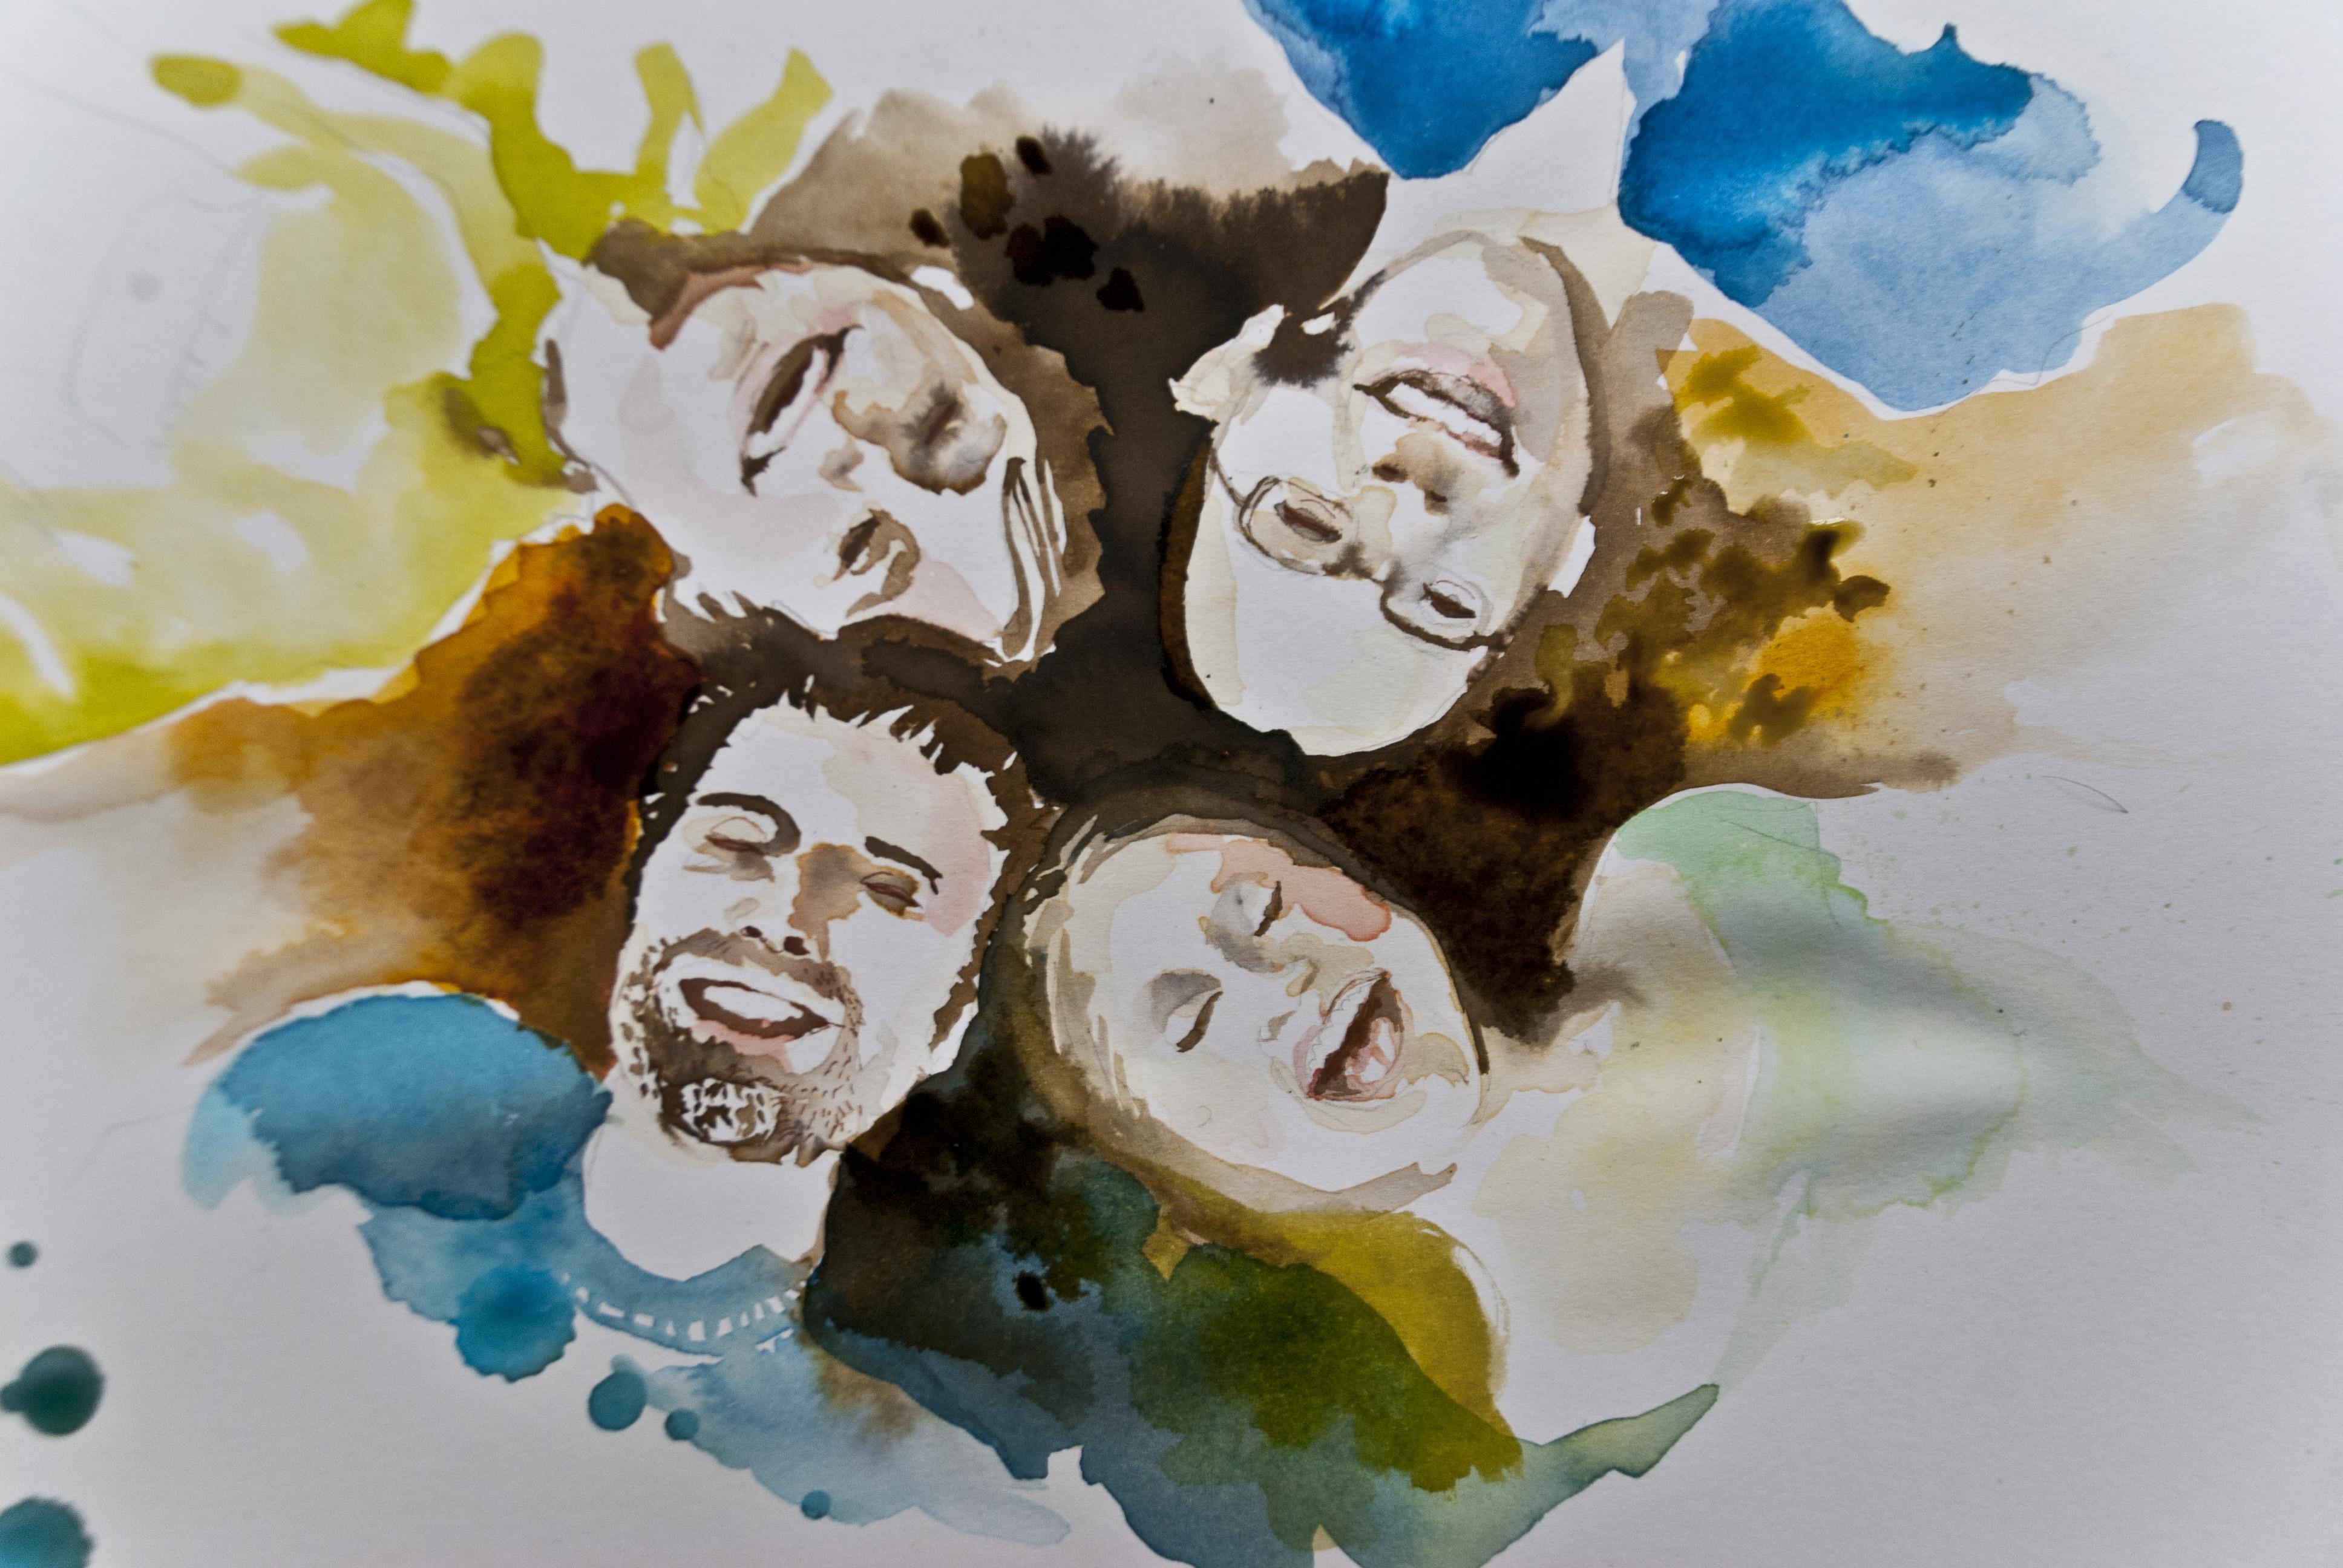 karin grabein anemone kloos illustration